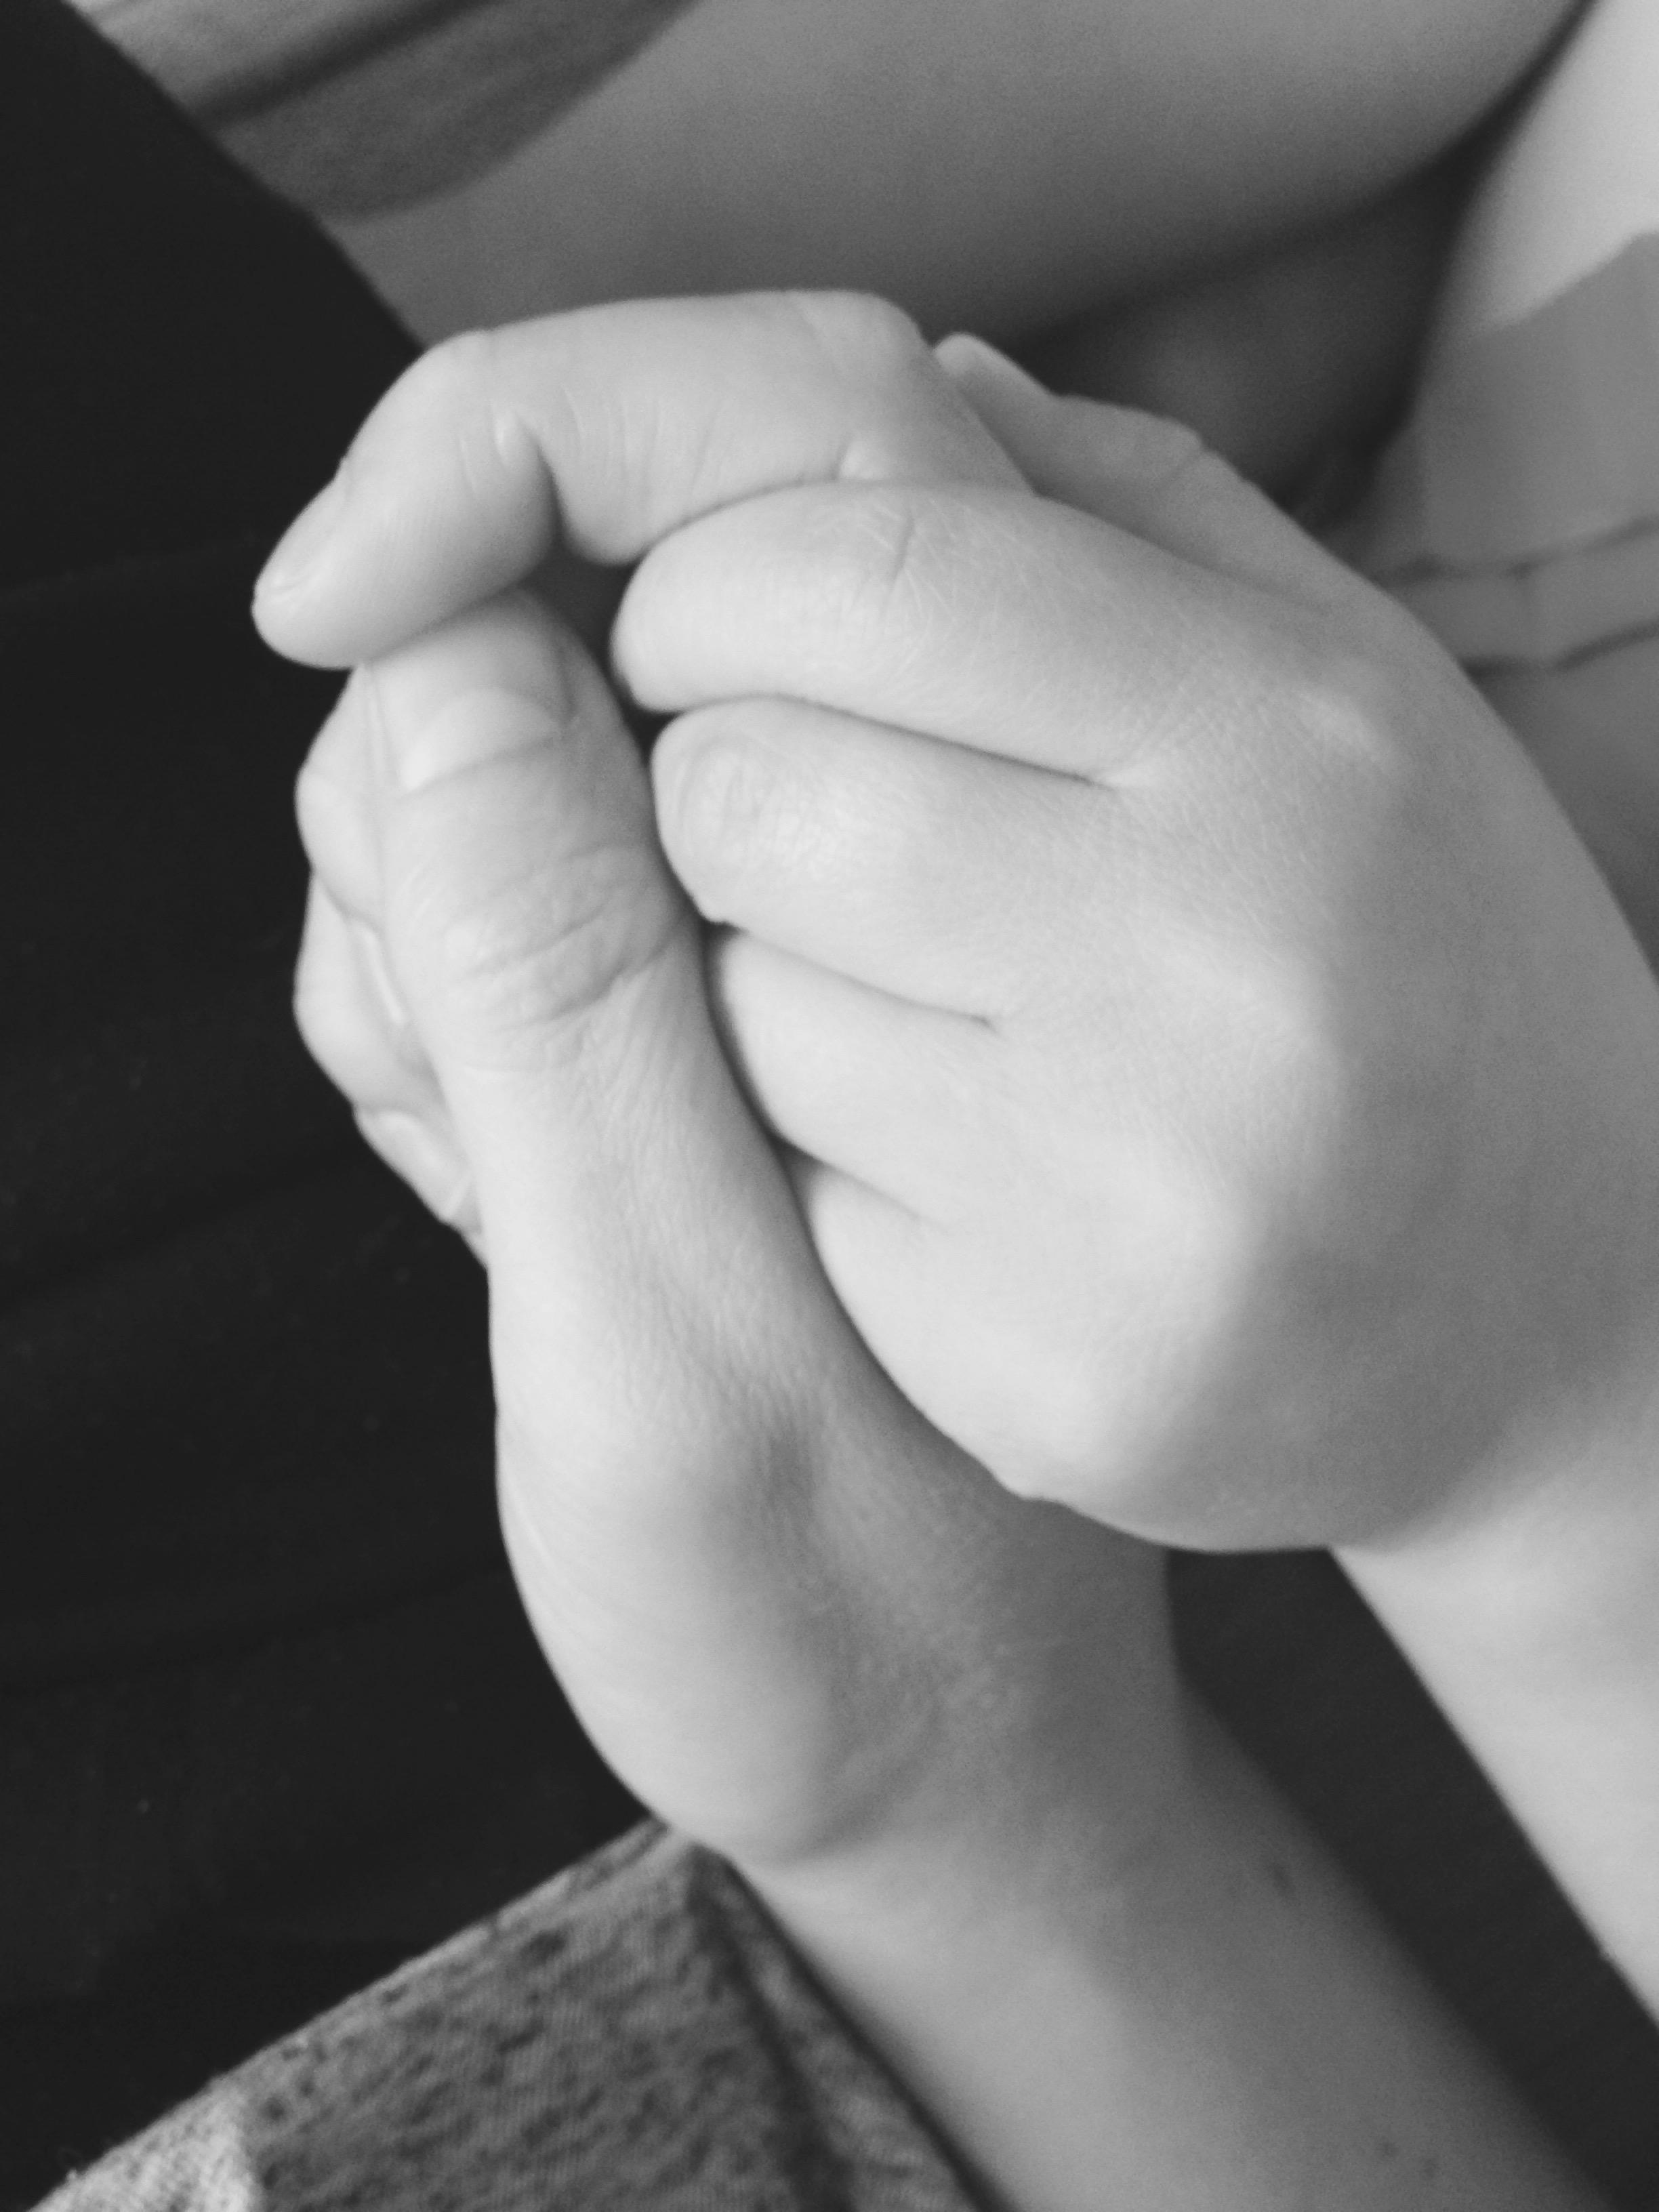 My Heart in her Hands